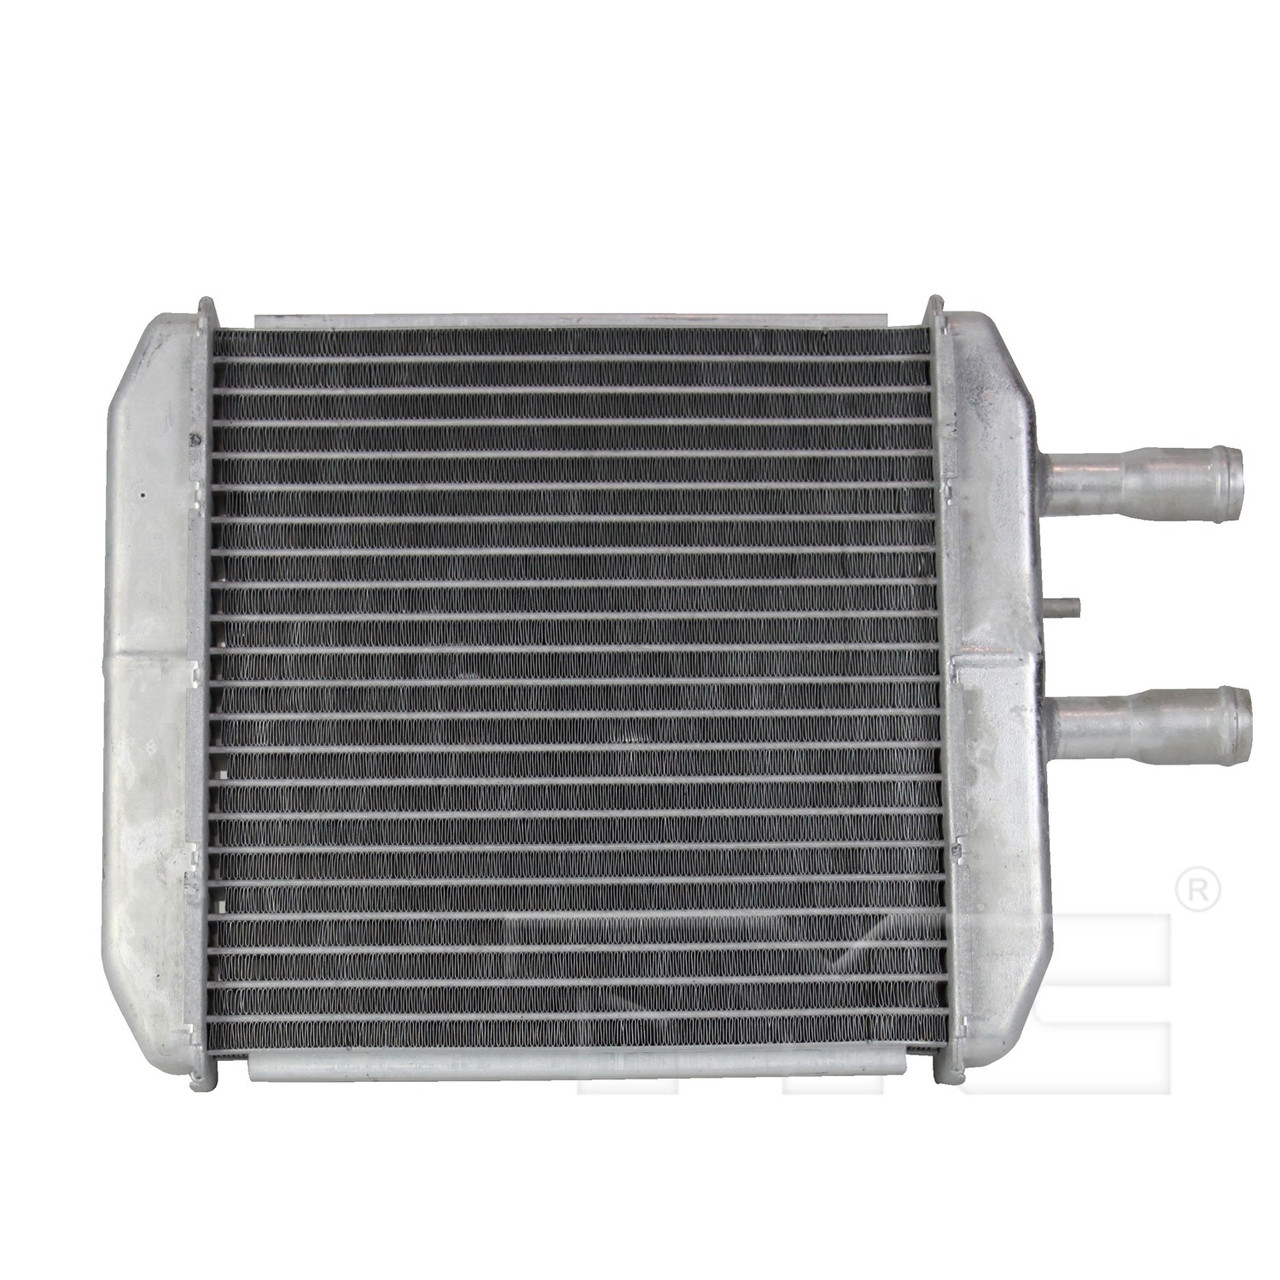 1992 Cadillac Allante HVAC Heater Core-GS71974